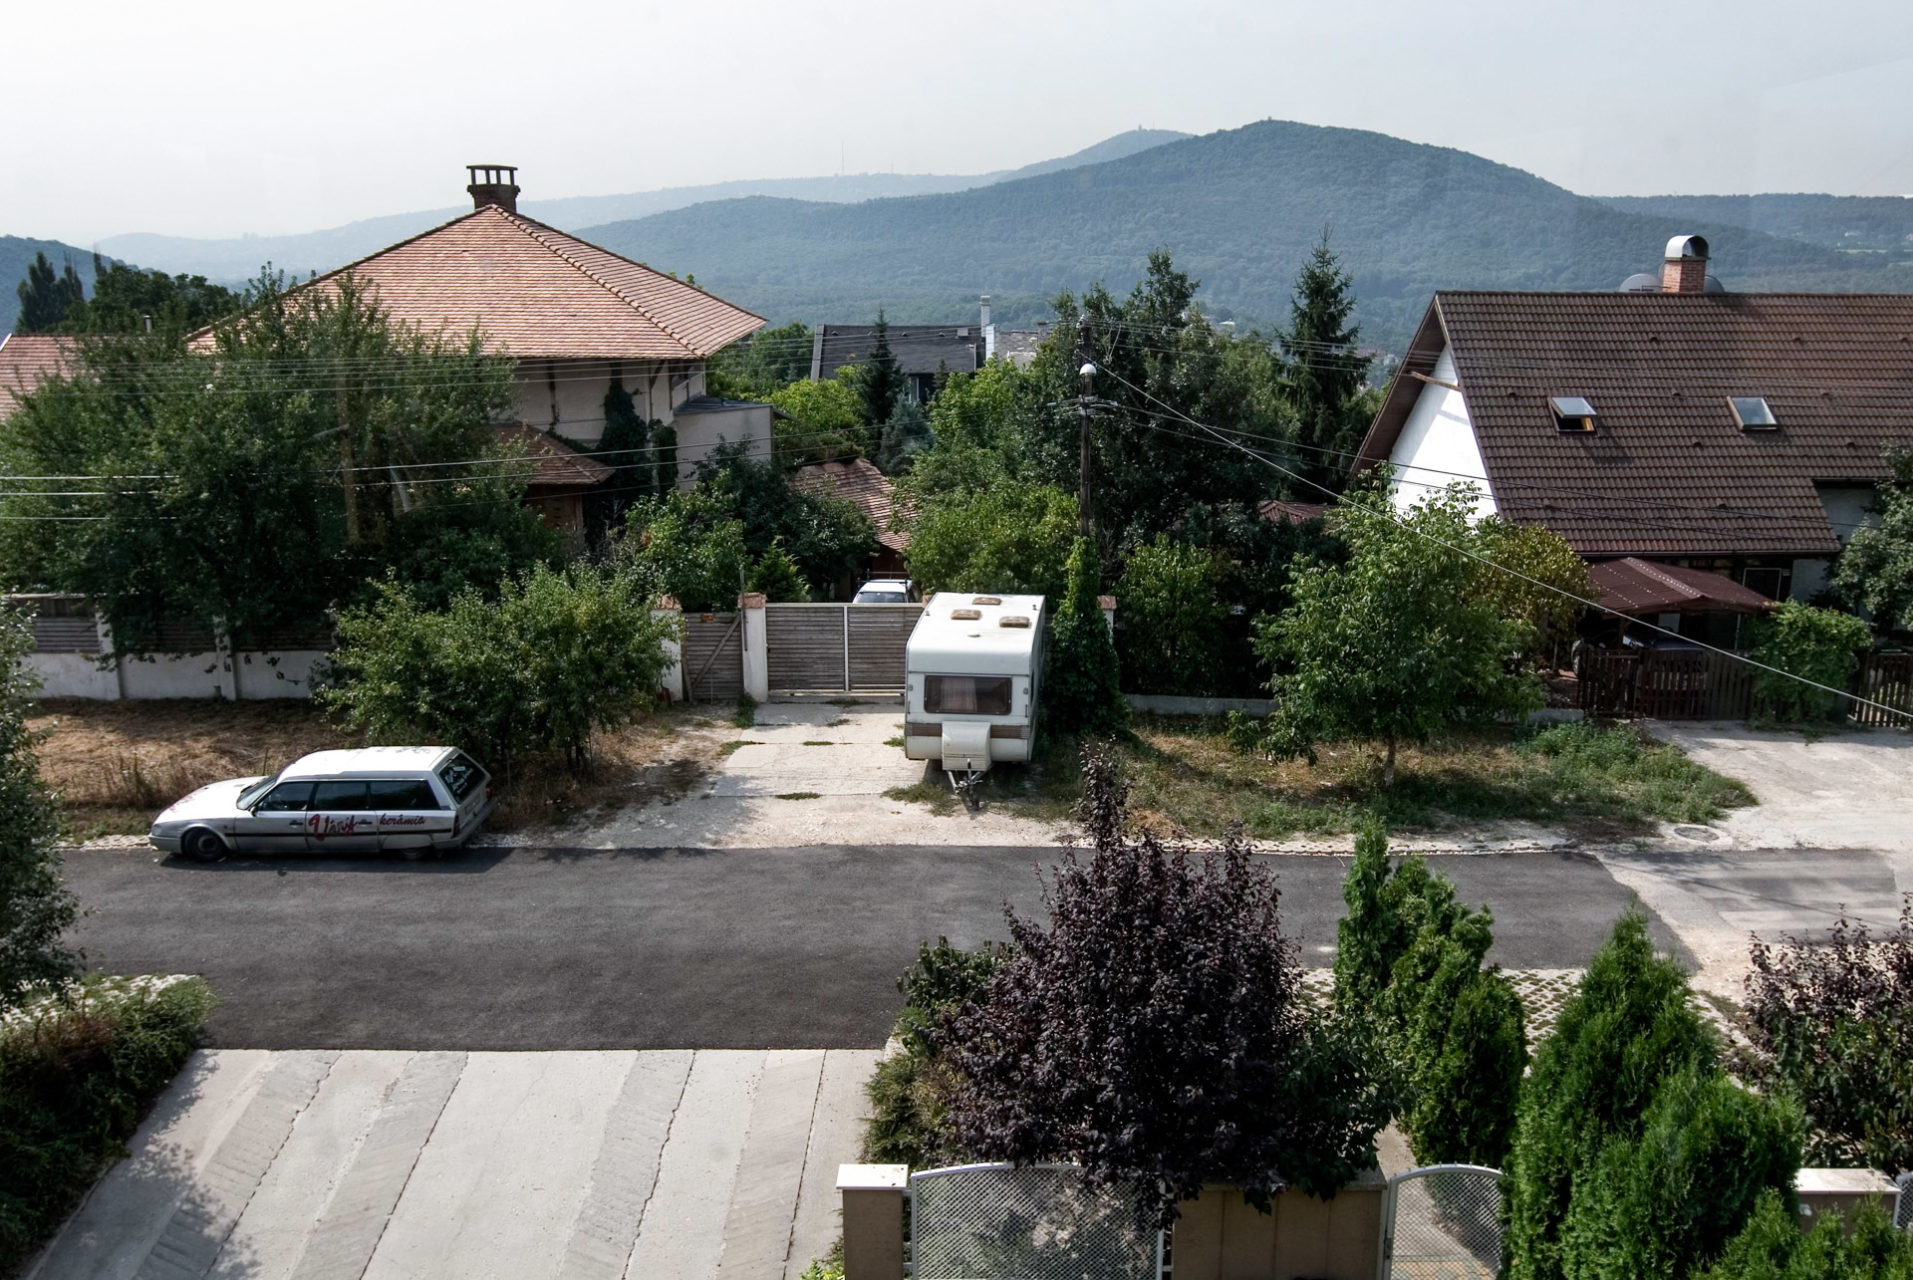 001 020 dia wonen in oost europa